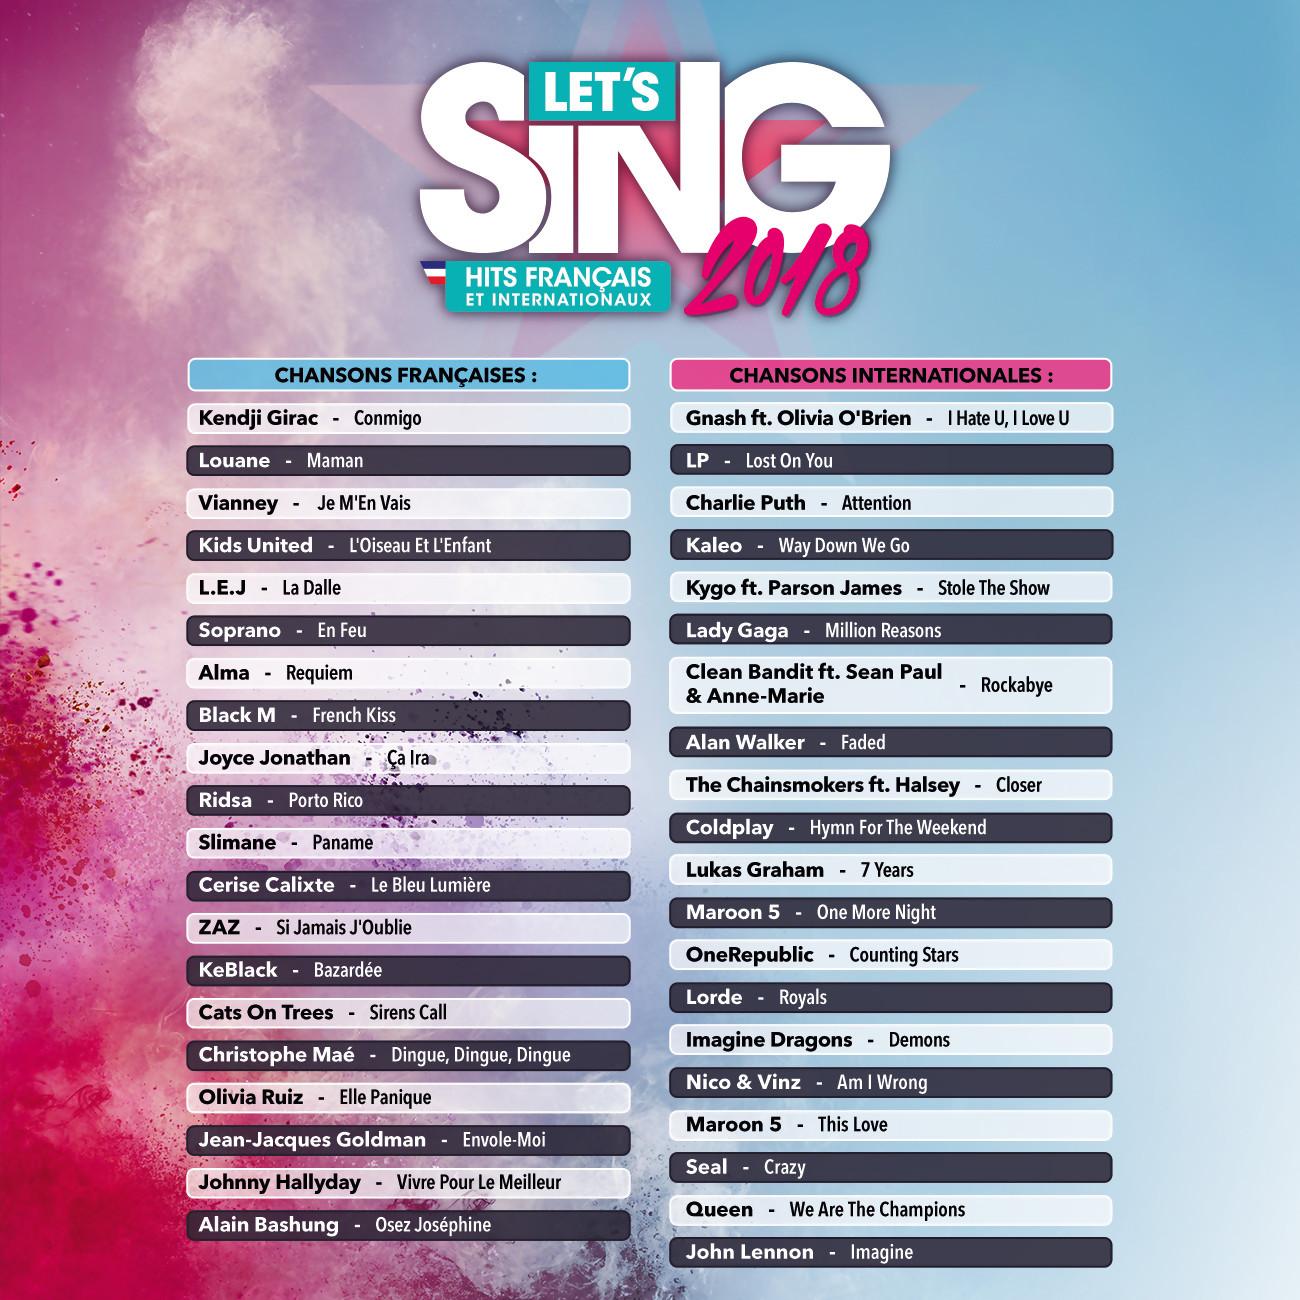 """Résultat de recherche d'images pour """"lets sing 2018"""""""